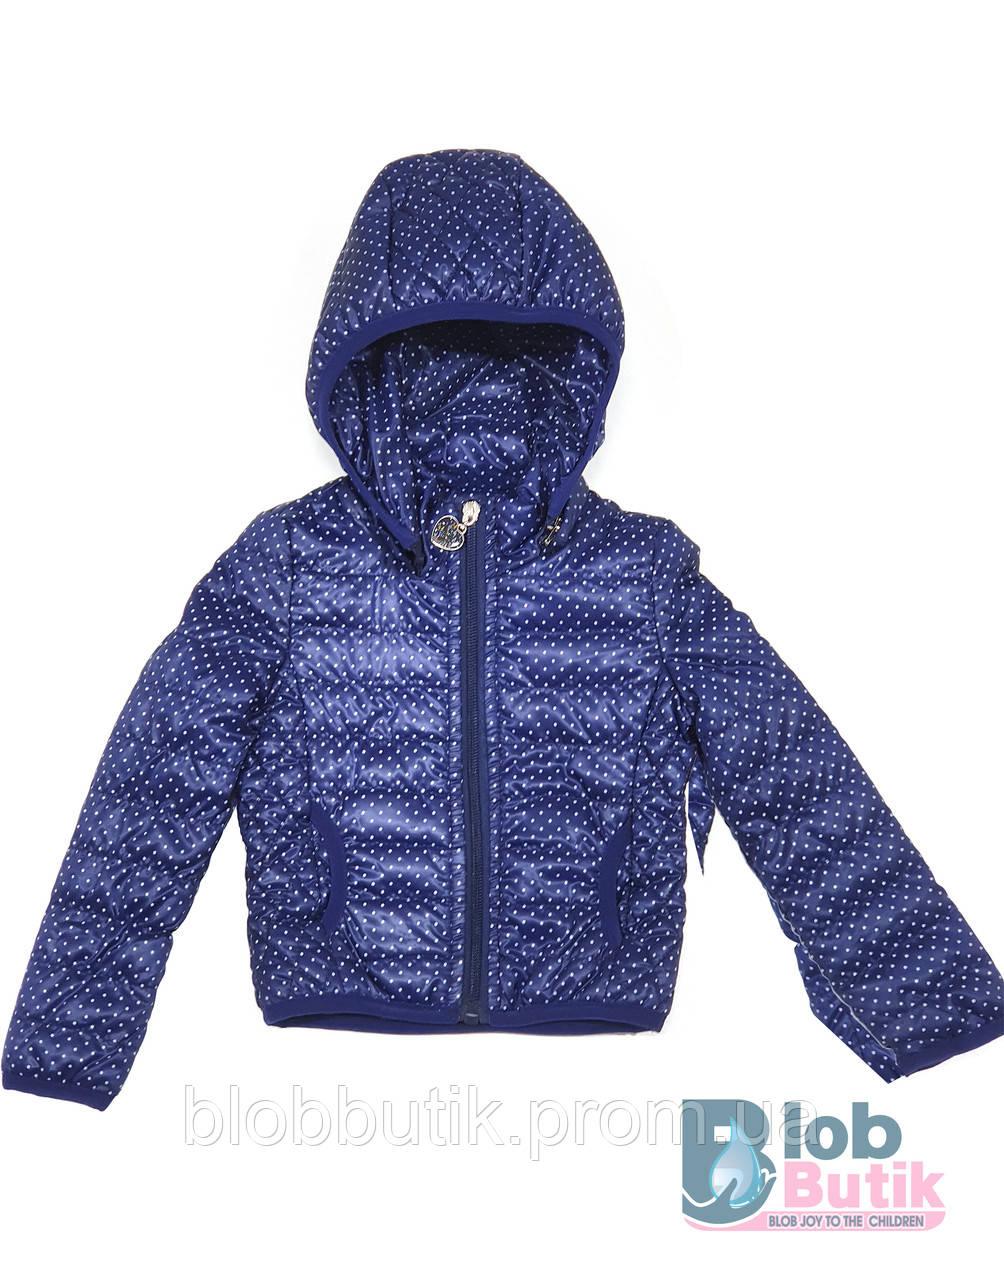 Куртка синего цвета в горошек для девочки .